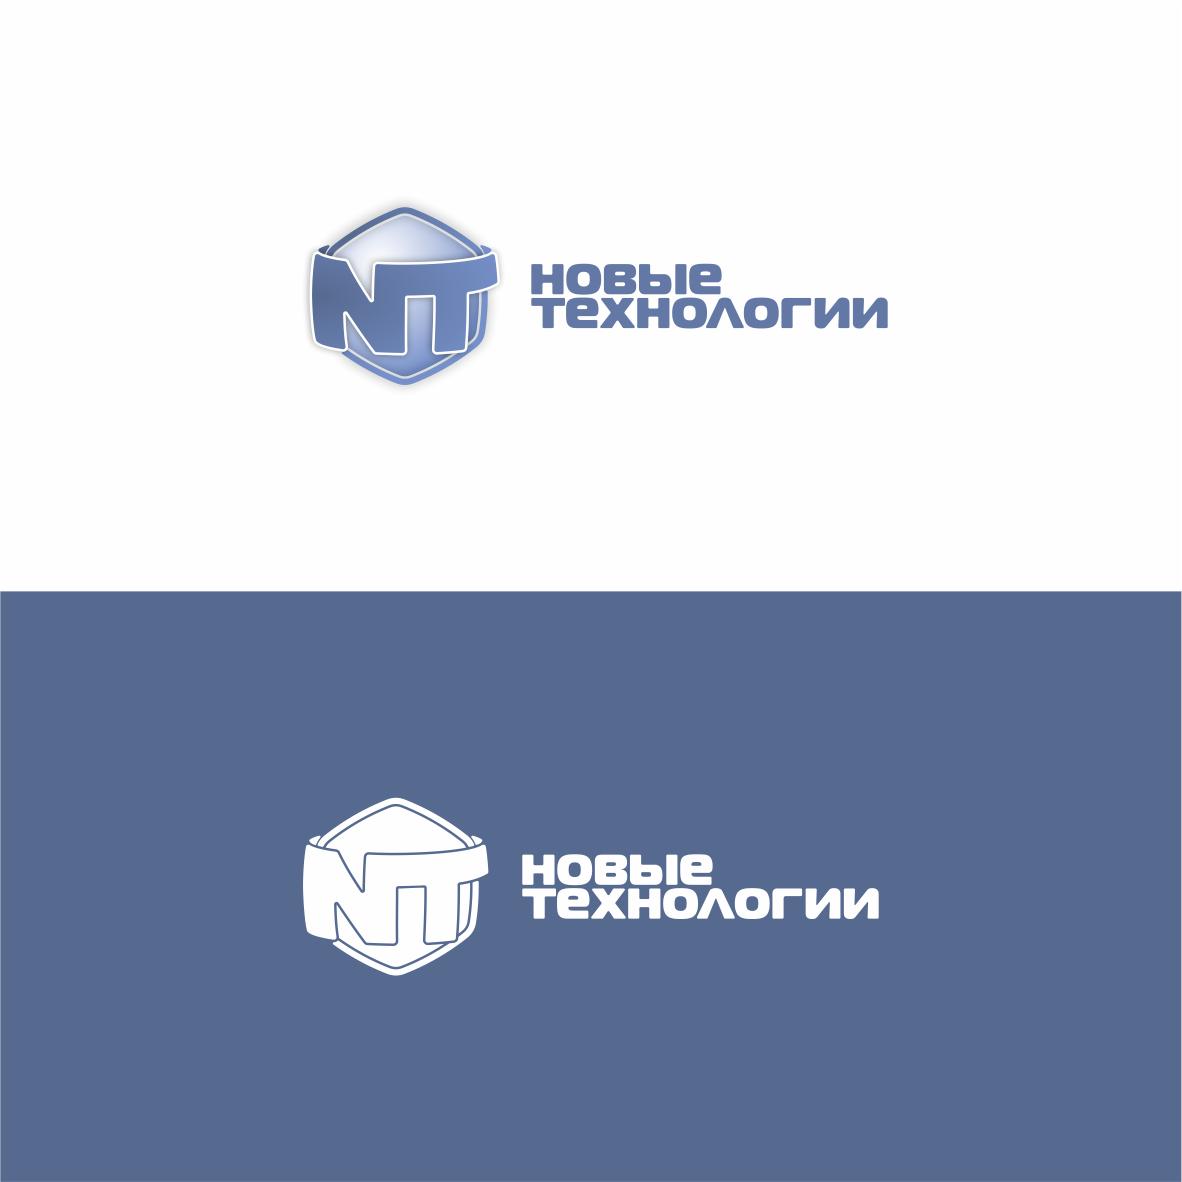 Разработка логотипа и фирменного стиля фото f_3895e7b5323e9c46.png